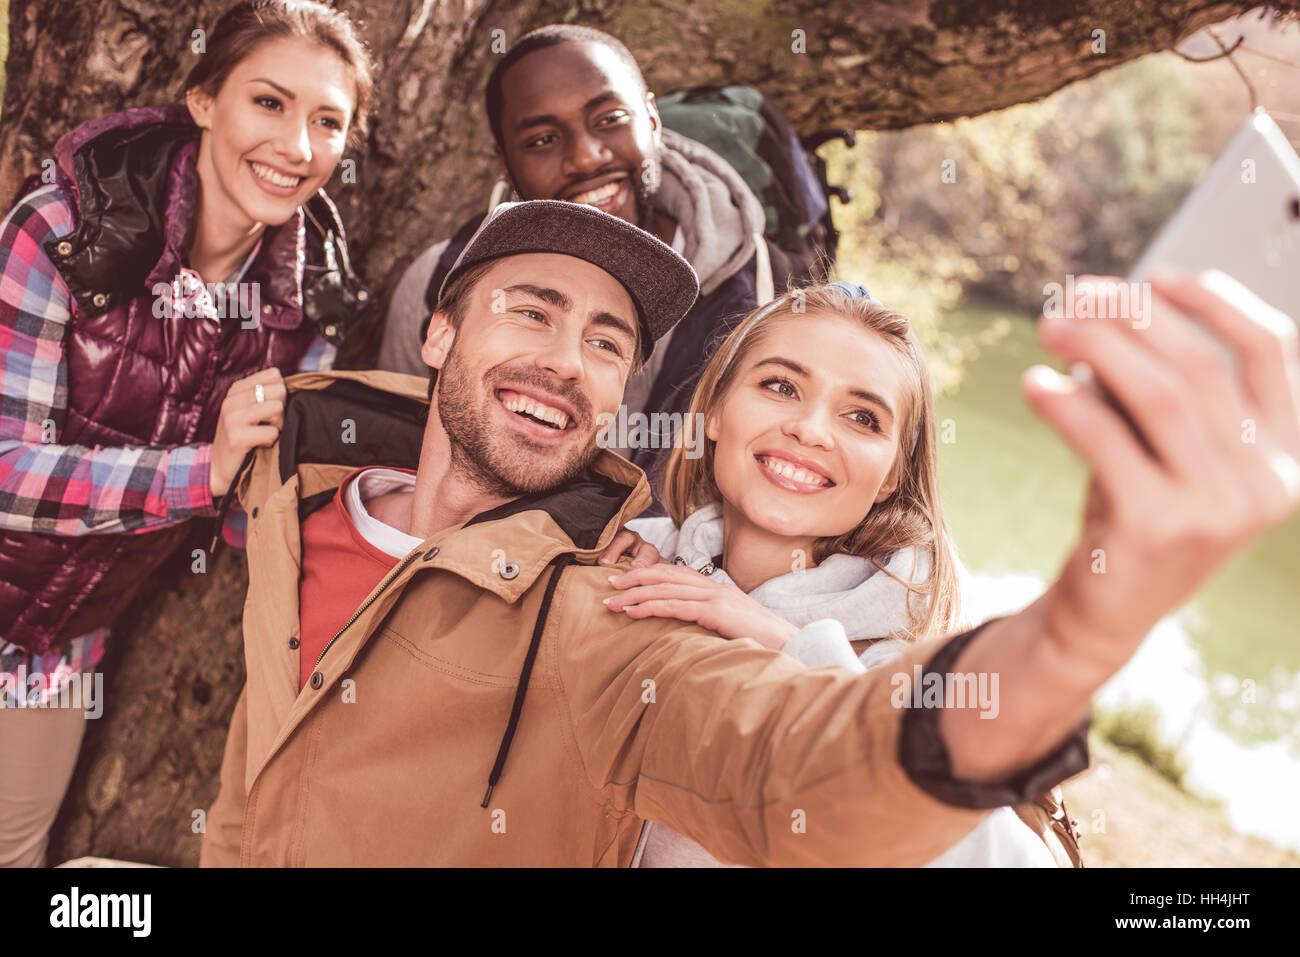 Grupo de jóvenes de pie cerca de un árbol gigante y teniendo selfie cerca del tranquilo bosque río Imagen De Stock